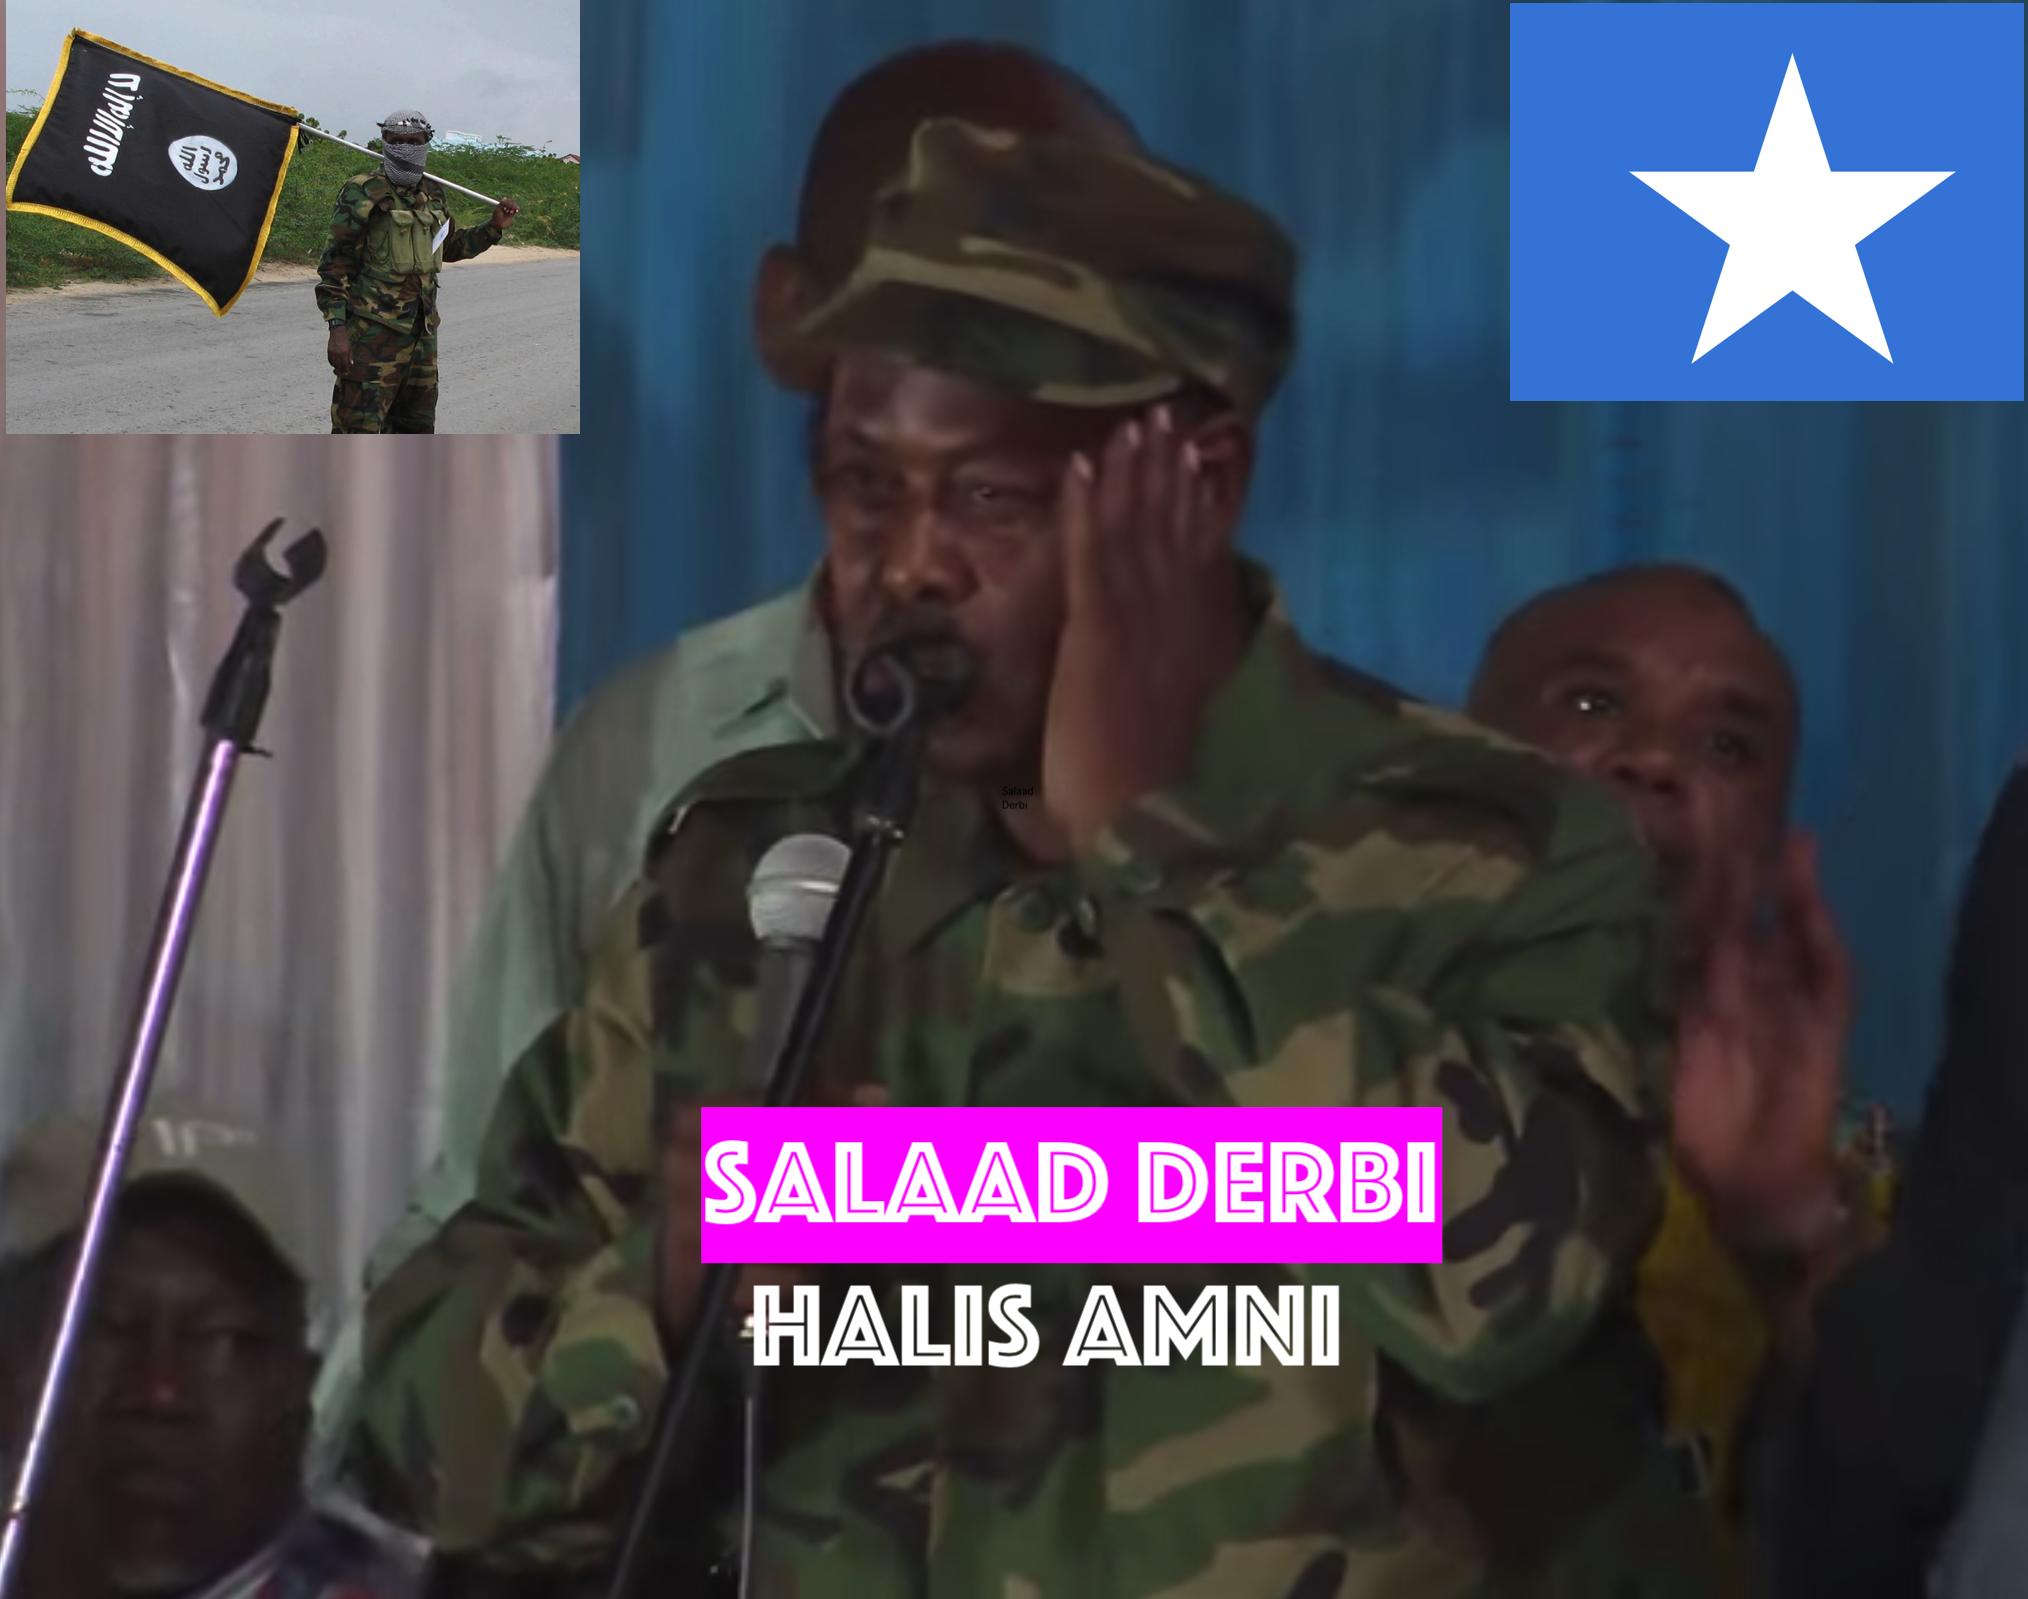 [Topnews:-] Dowladda Somalia oo si fool xun ula dhaqantay Fanaanka Salaad Derbi iyo Dil loogu hanjabay ?